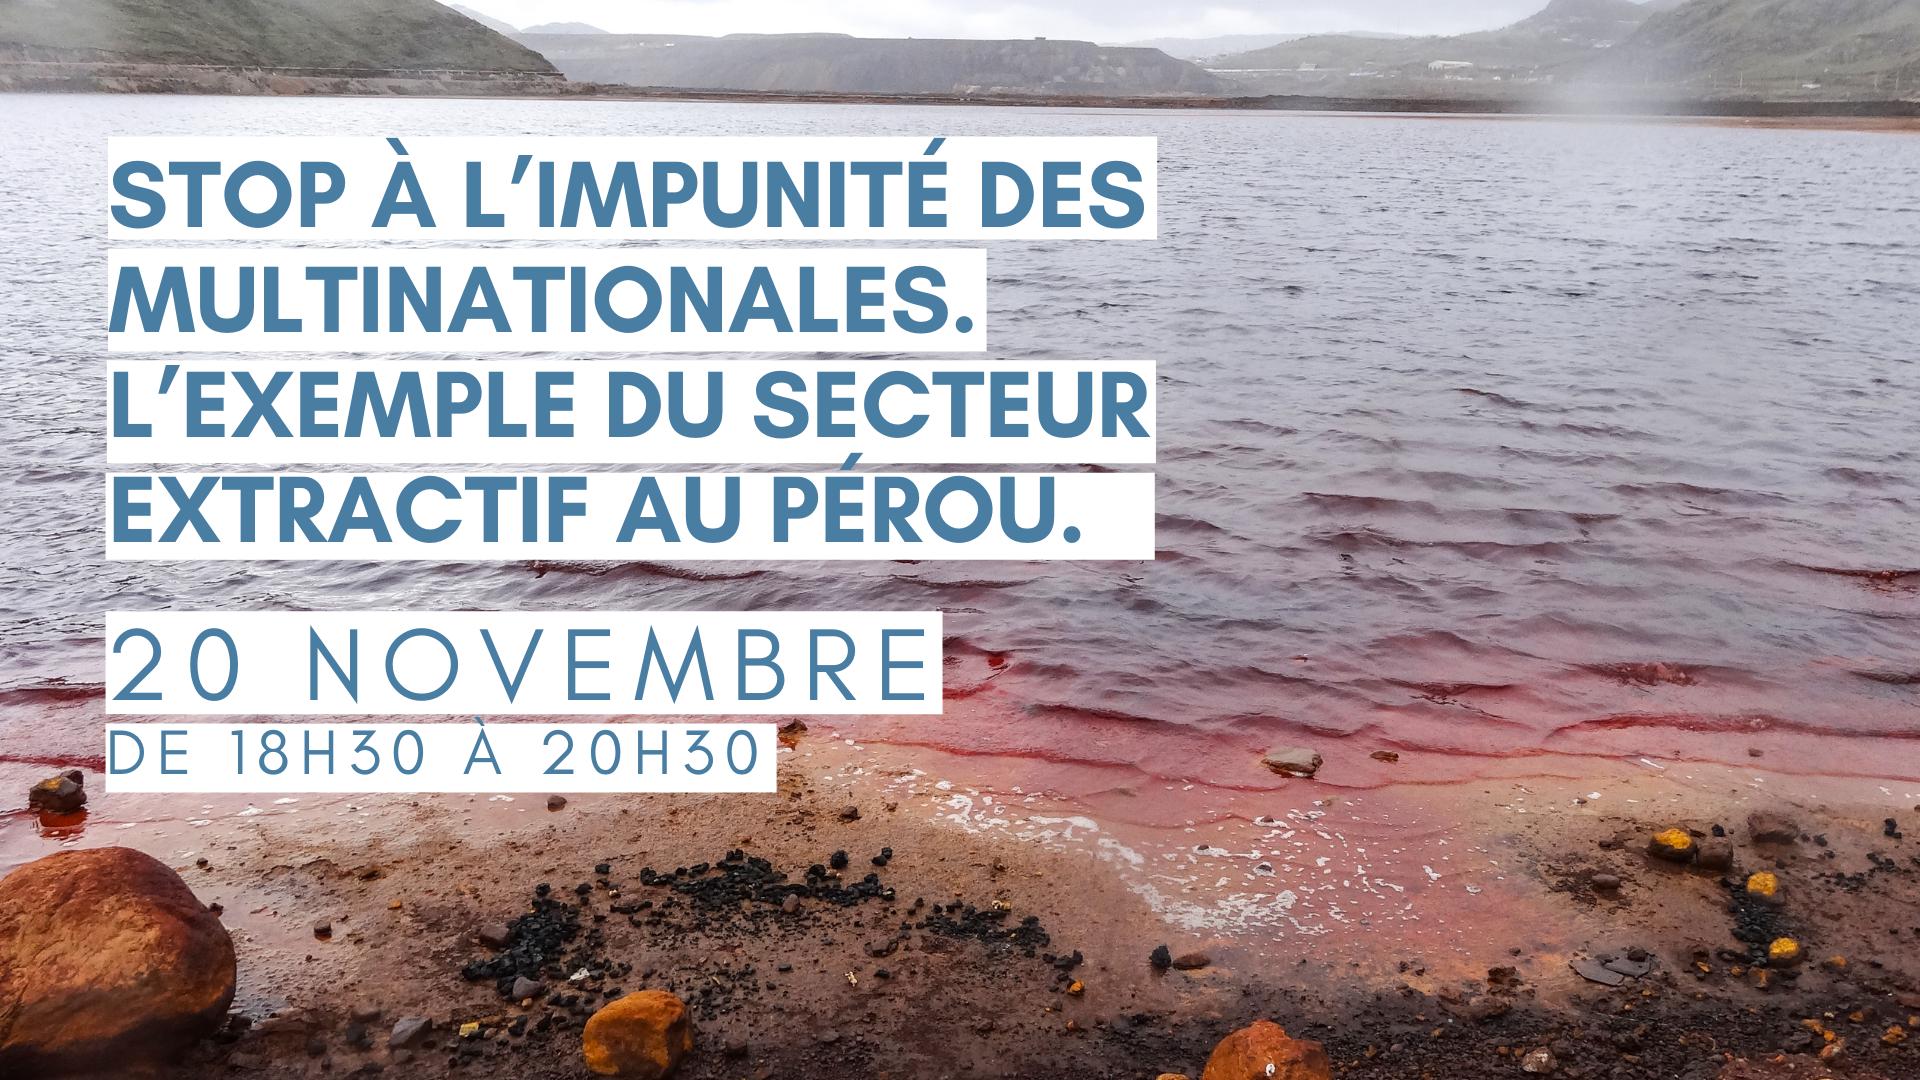 20_novembre_de_18h30_a_20h30-3.png